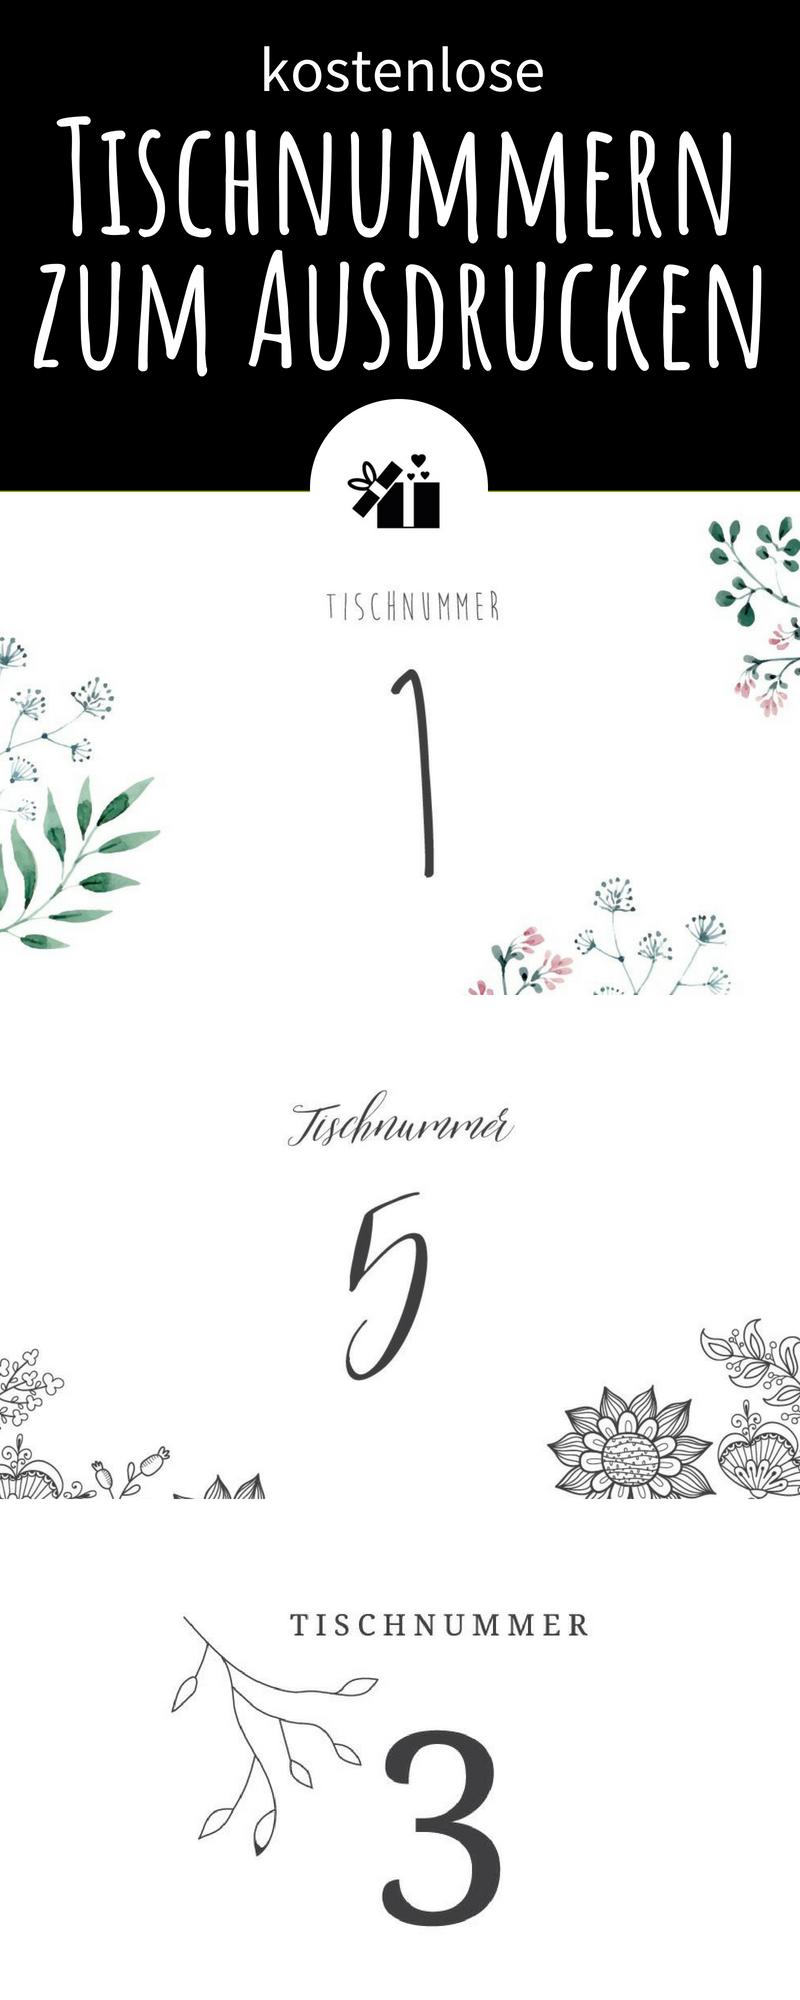 Hochzeitsschilder Zum Ausdrucken Kostenlose Pdf Vorlagen In 3 Designs Hochzeitsschilder Hochzeitsvorlagen Ausdrucken